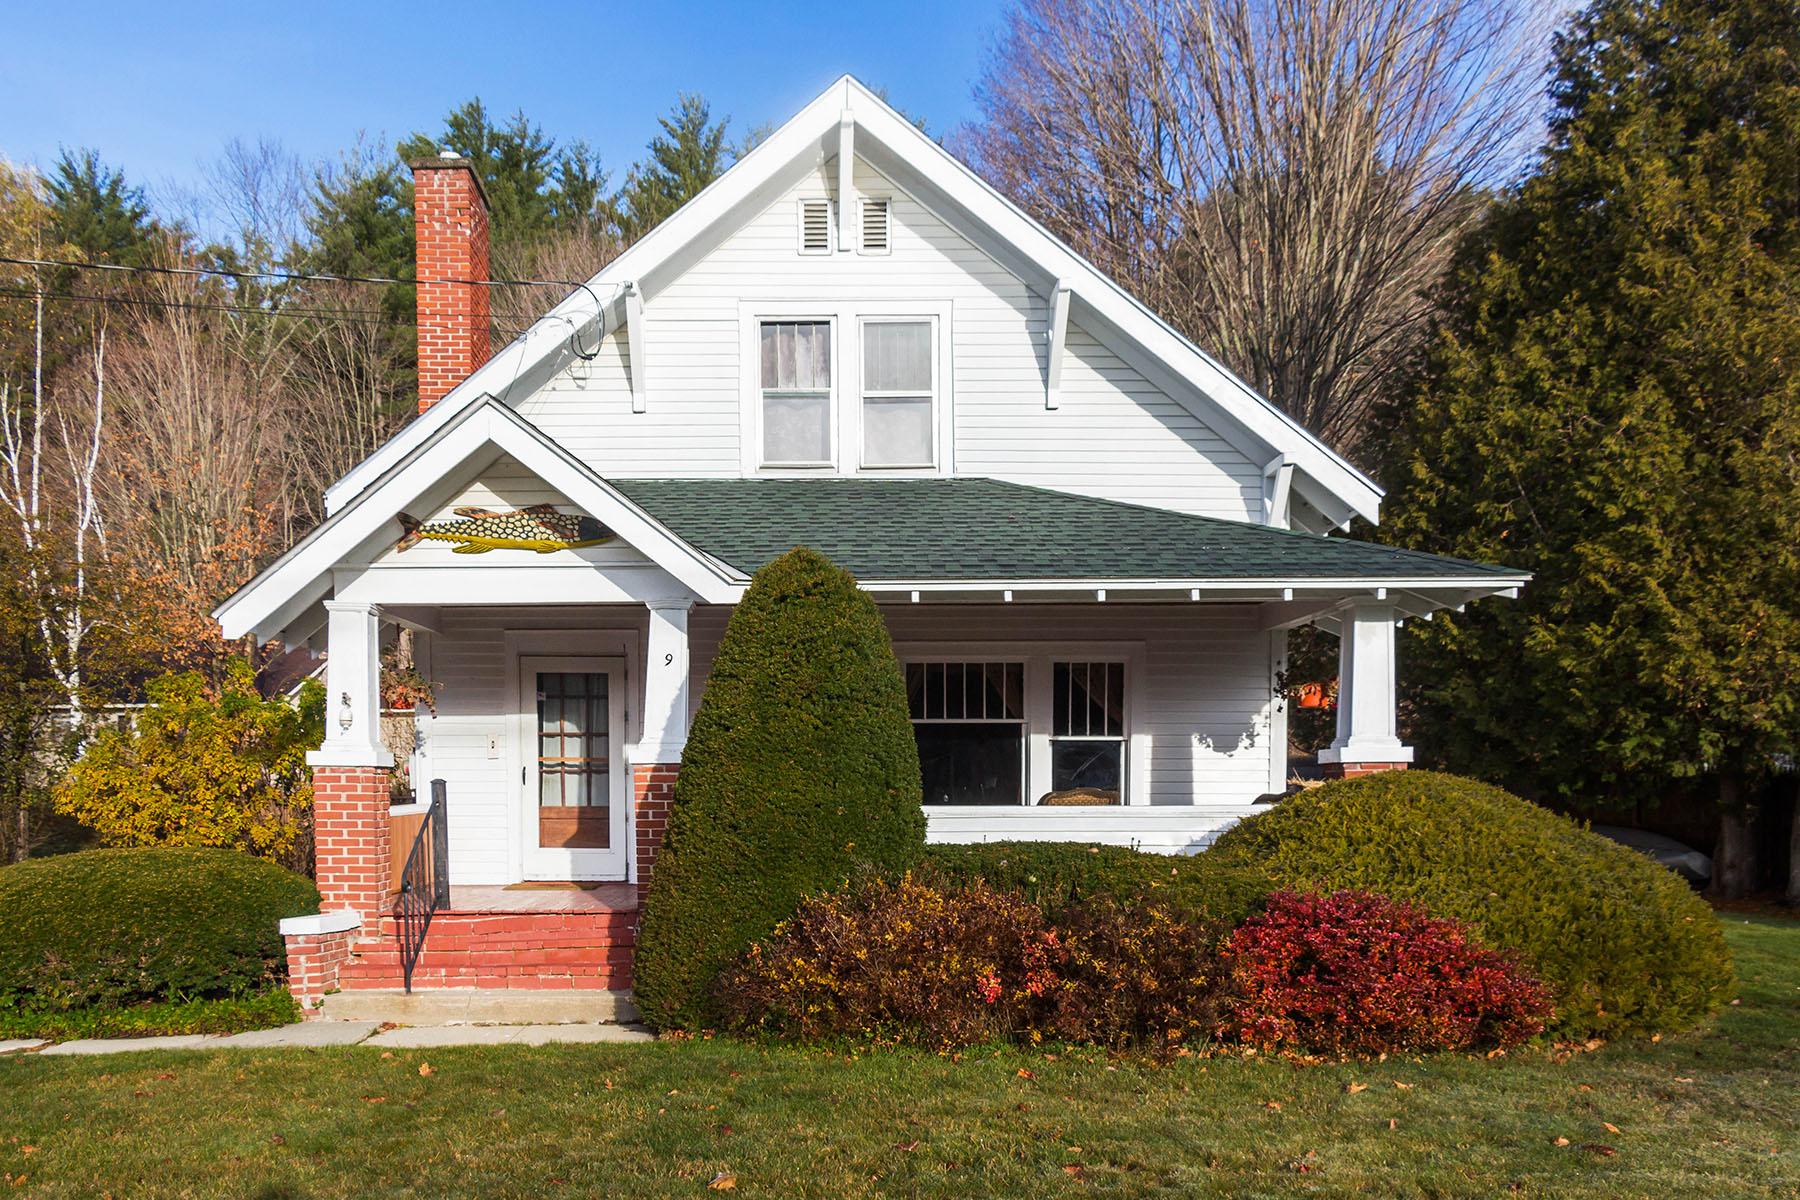 独户住宅 为 销售 在 Charming Adirondack Bungalow 9 Market St 荷里康, 纽约州 12815 美国